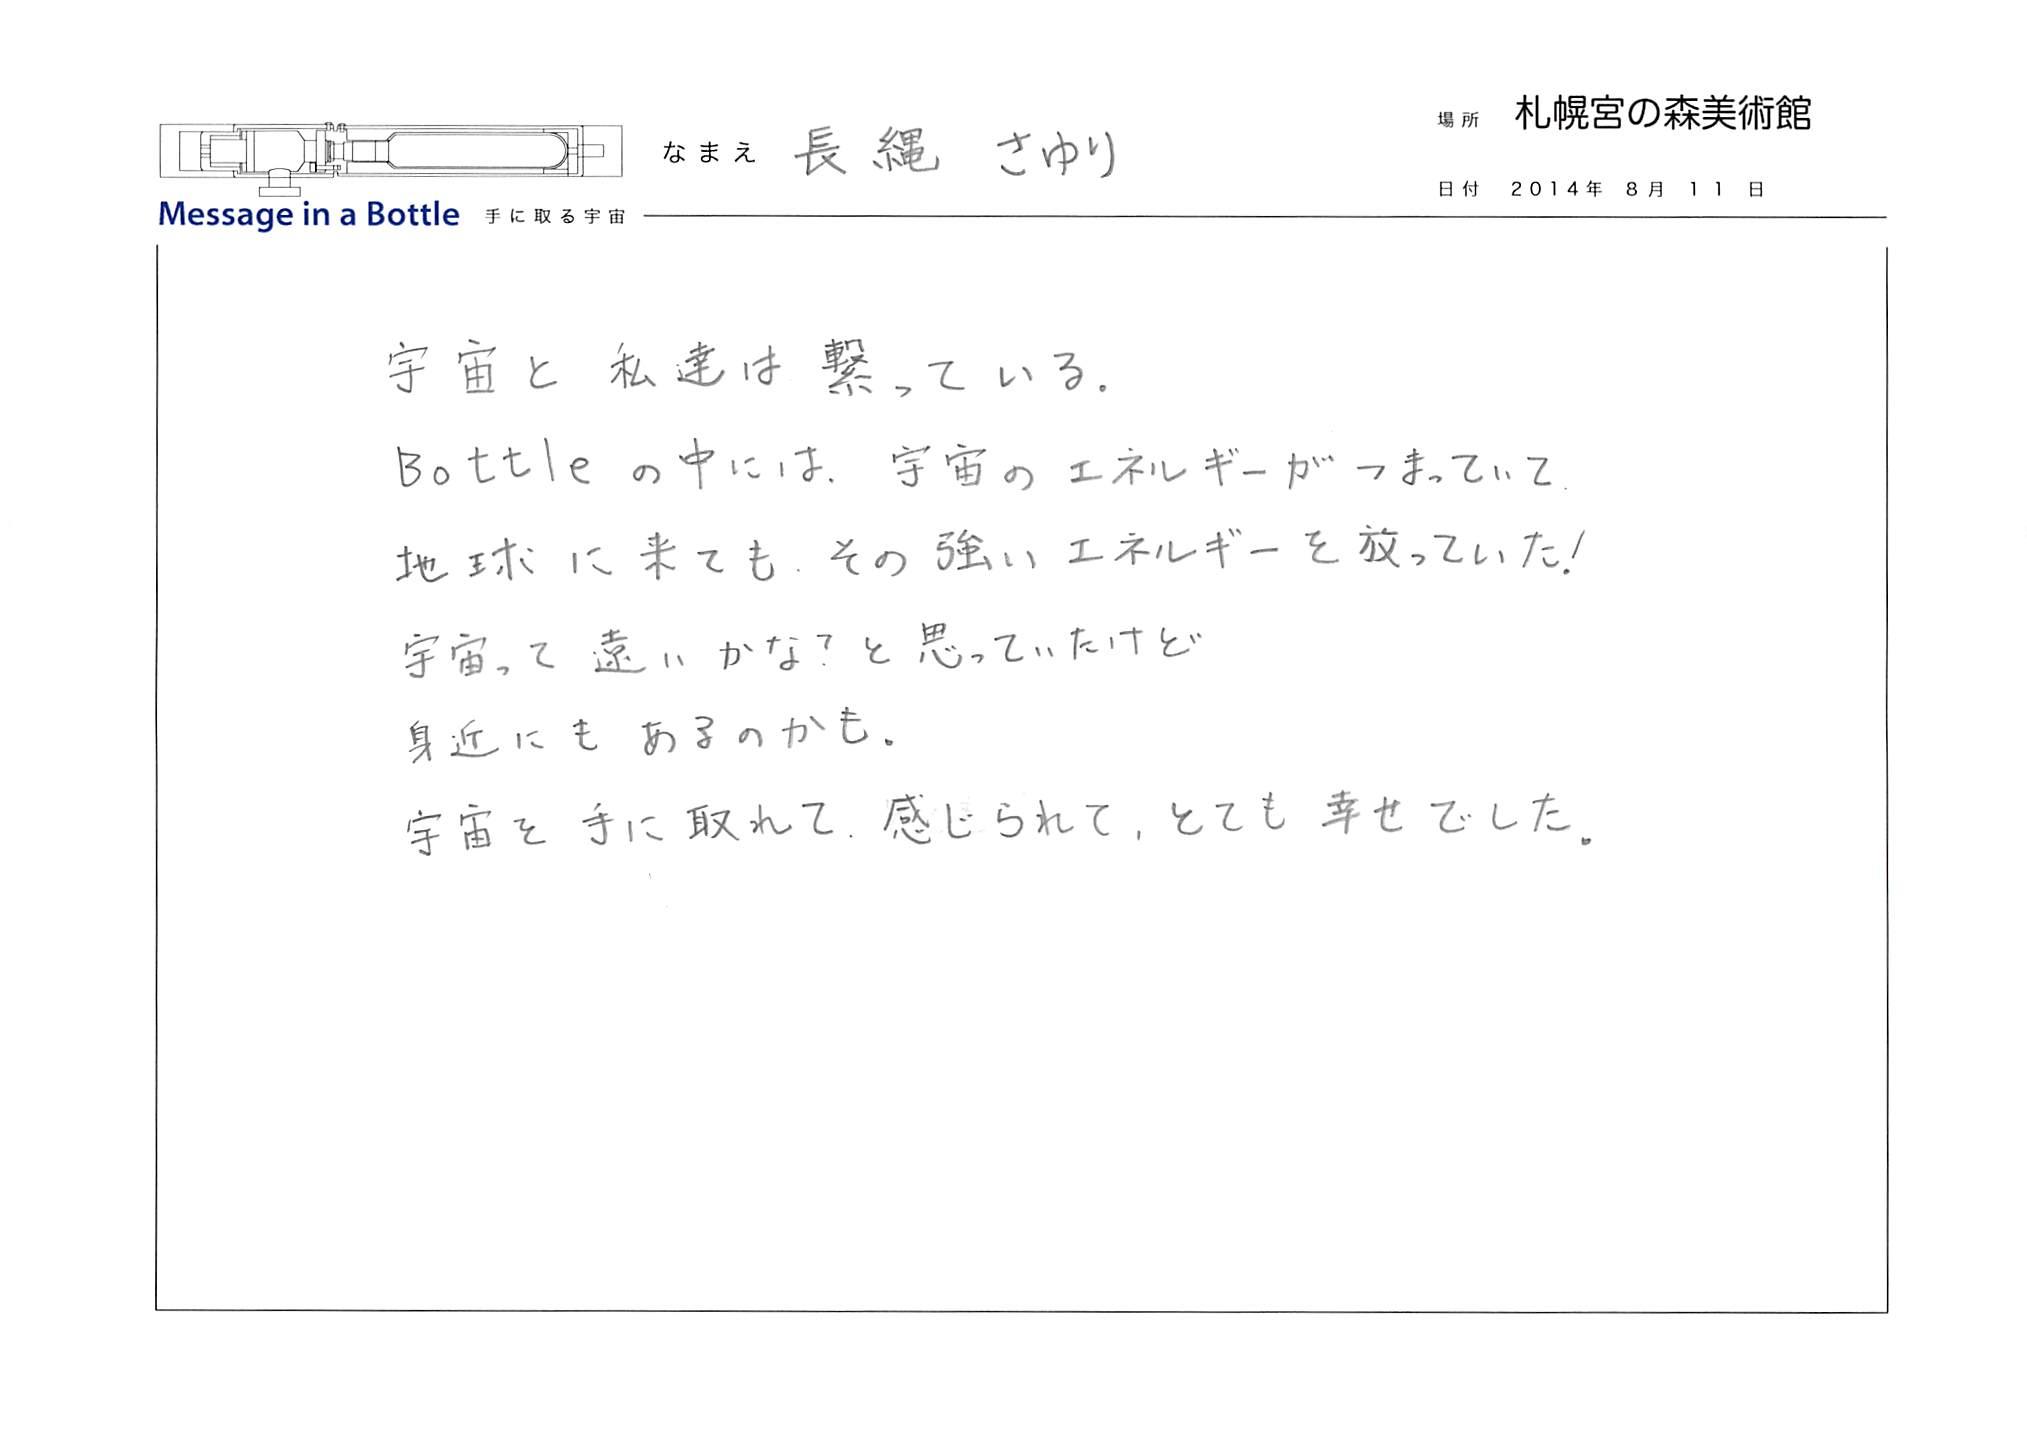 2014-08-11-22-03-00.jpg